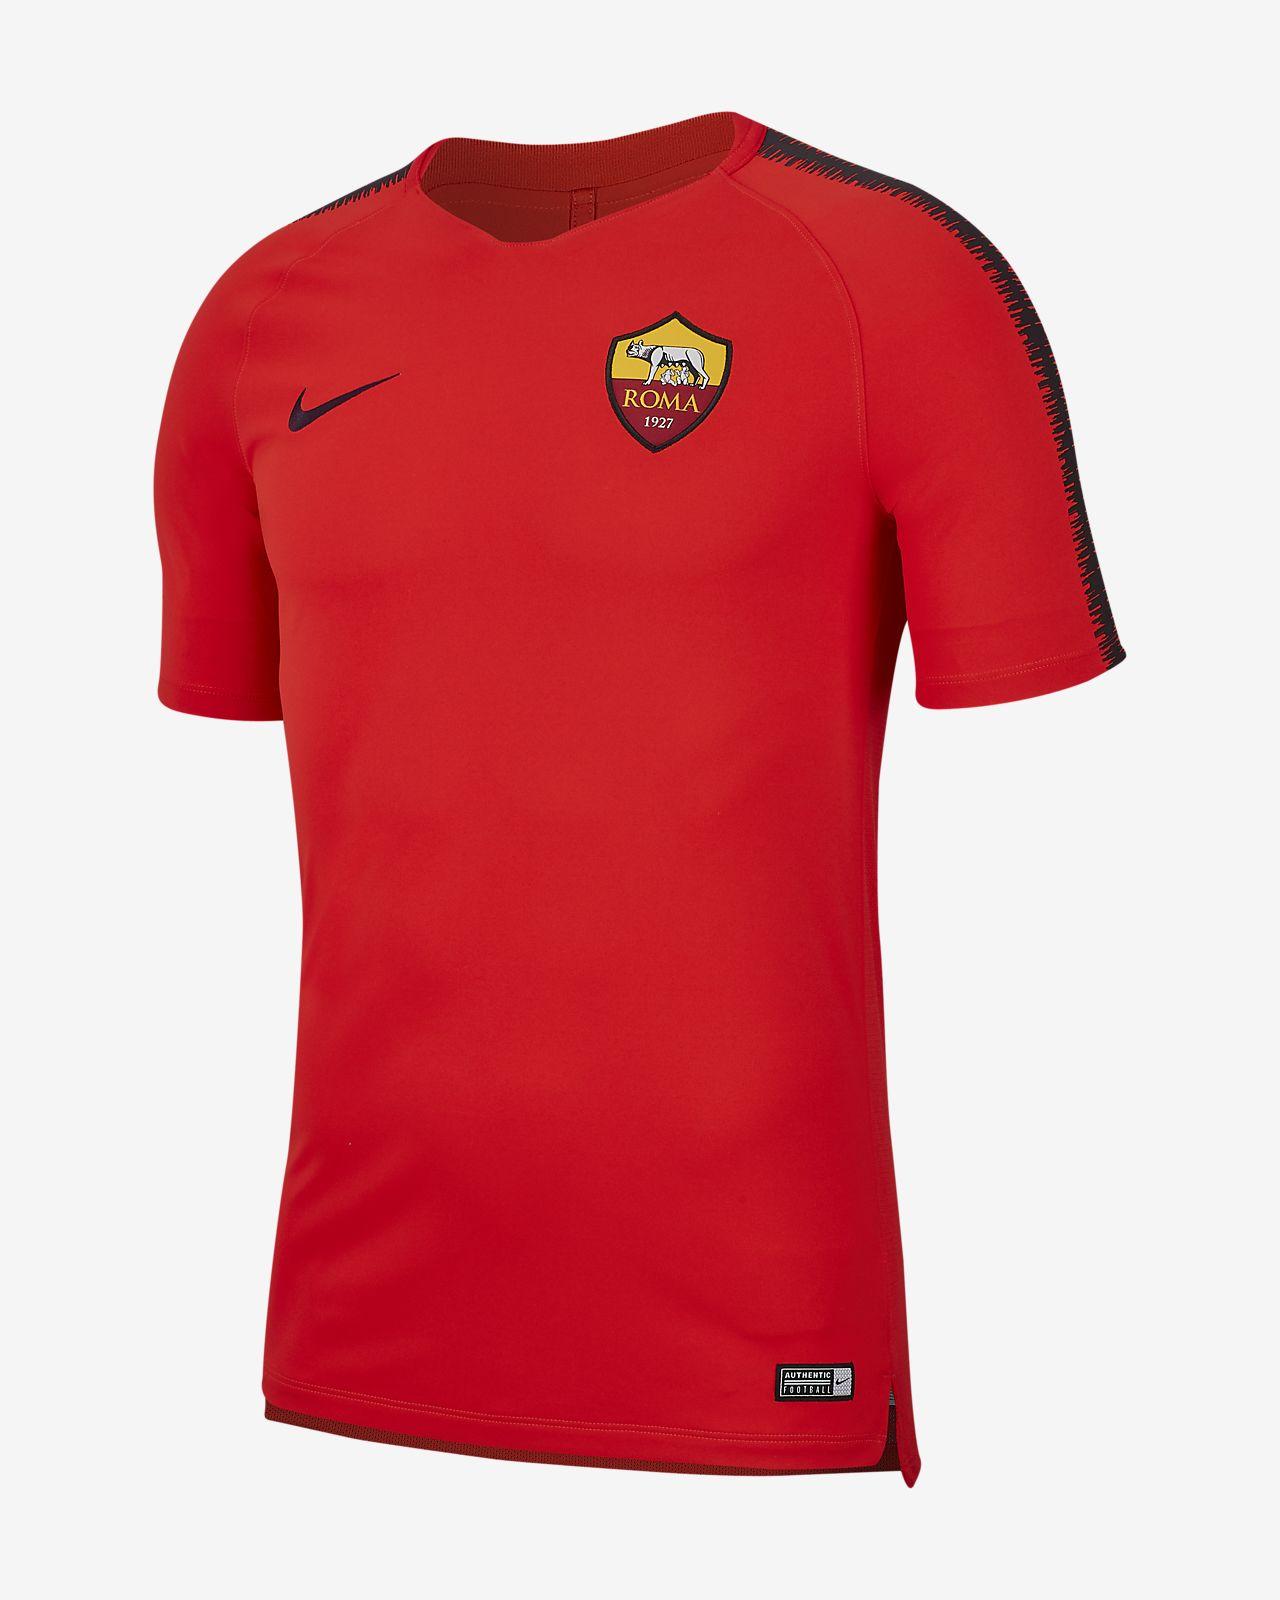 A.S. Roma Breathe Squad Camiseta de fútbol - Hombre. Nike.com ES 64a688c4b2baf